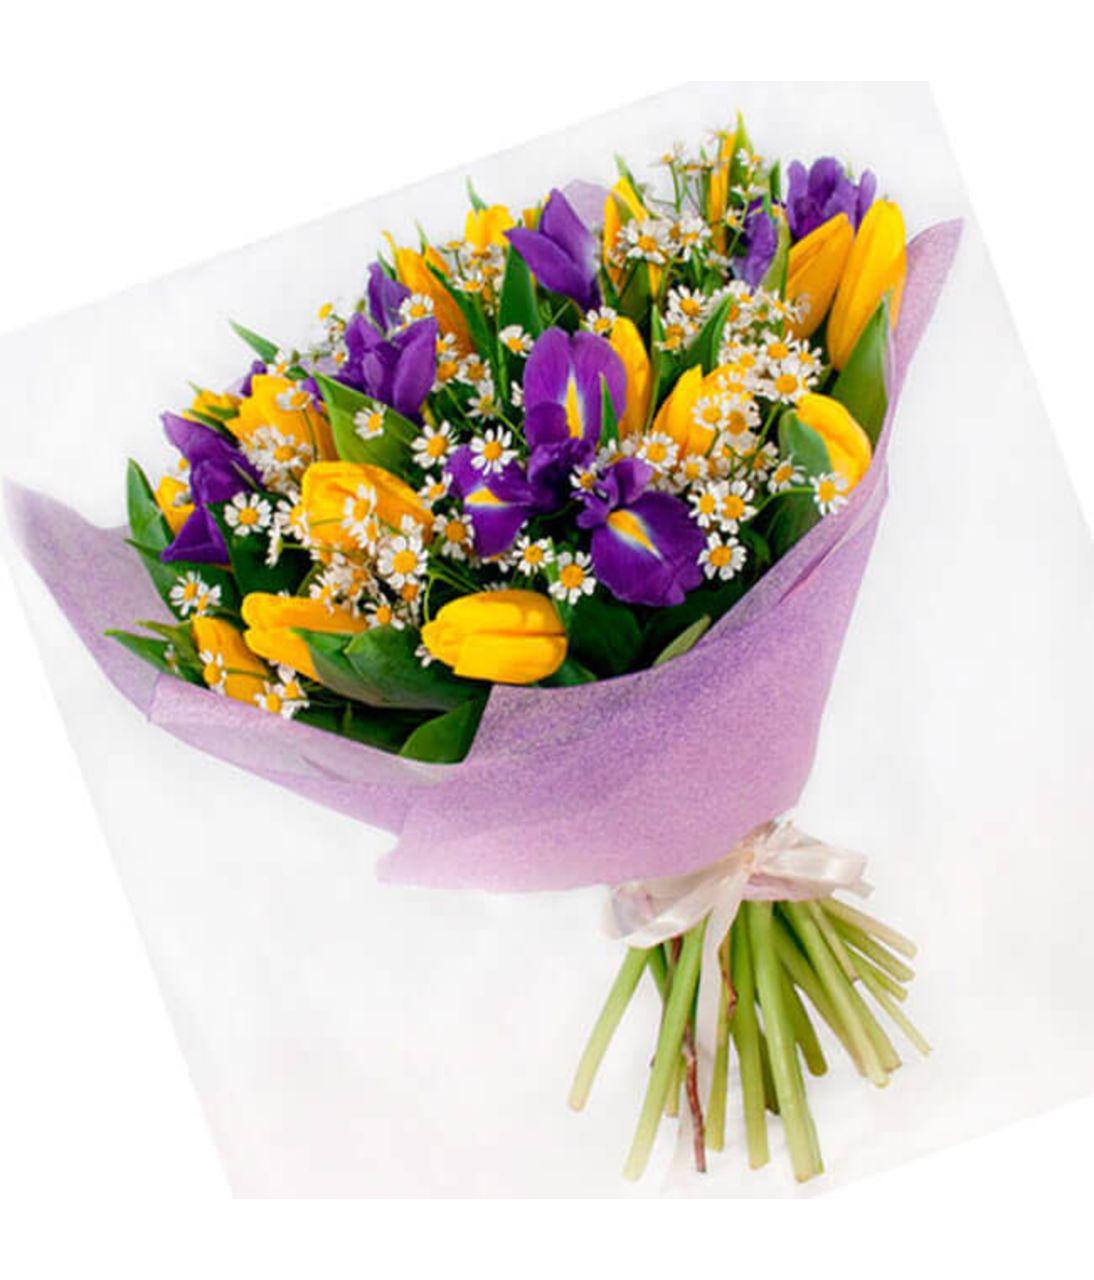 """Букет желтых тюльпанов """"Конфетка"""". Superflowers.com.ua"""